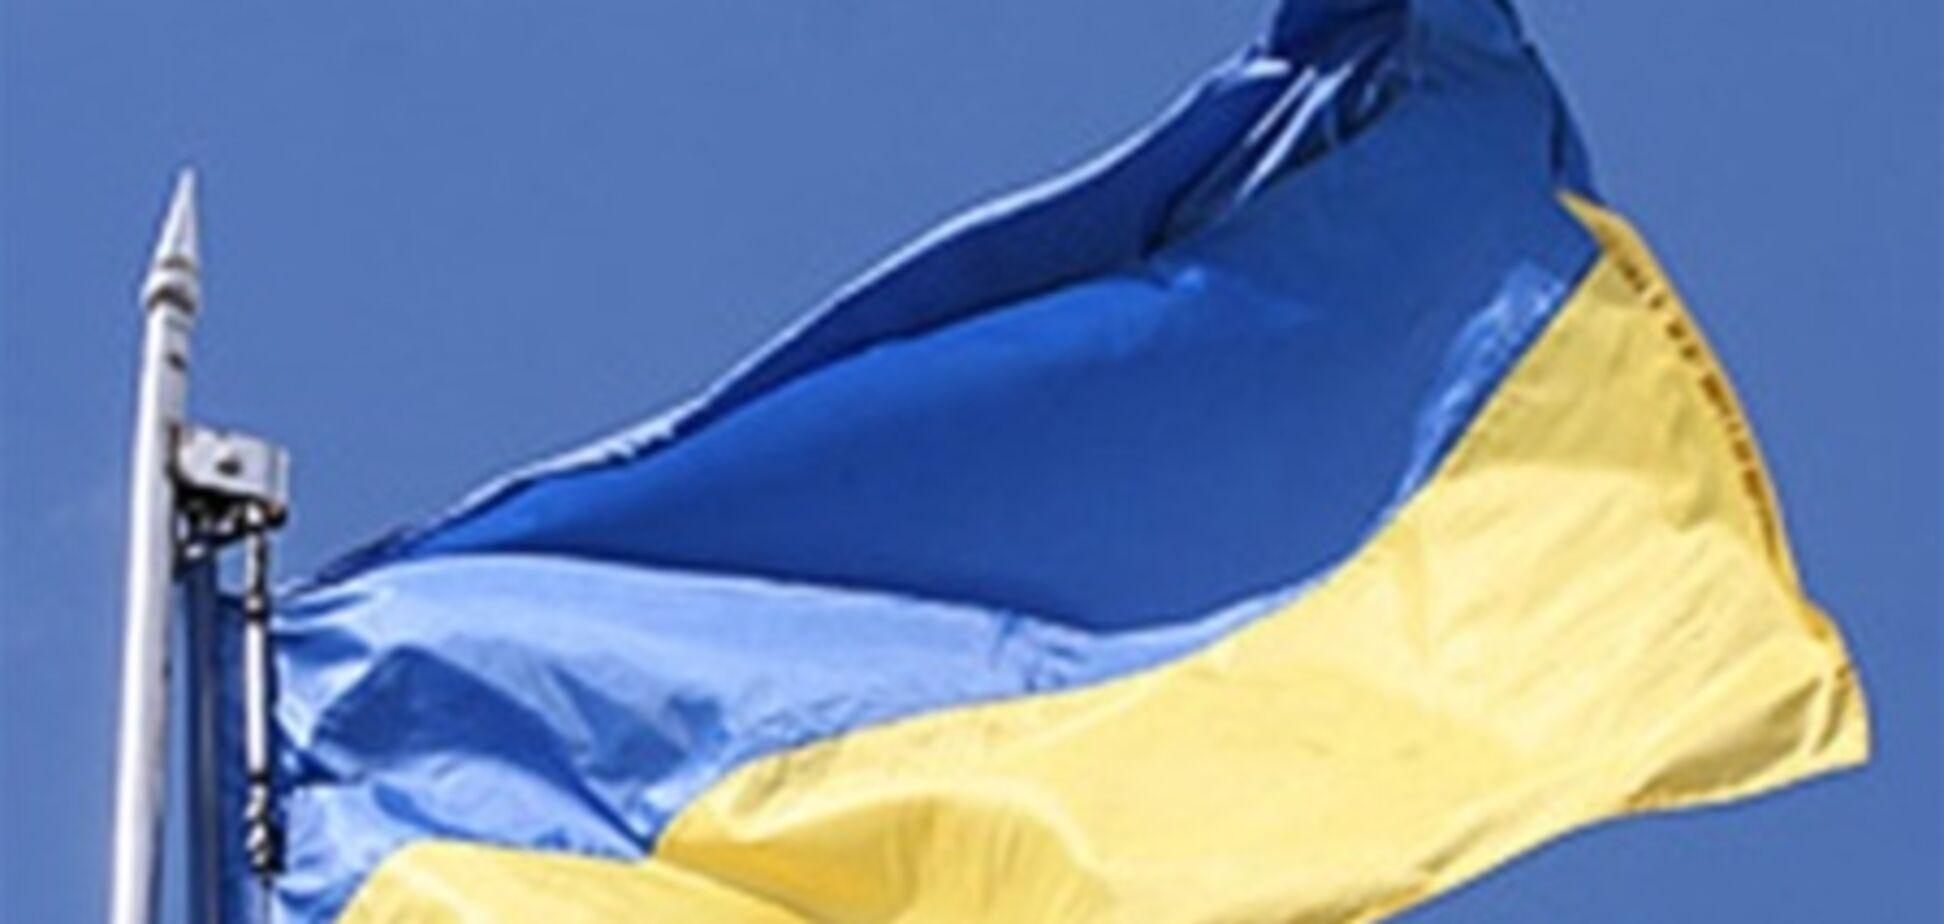 Коваль: Украина и ЕС приближаются к историческому шансу, кторый нельзя упустить